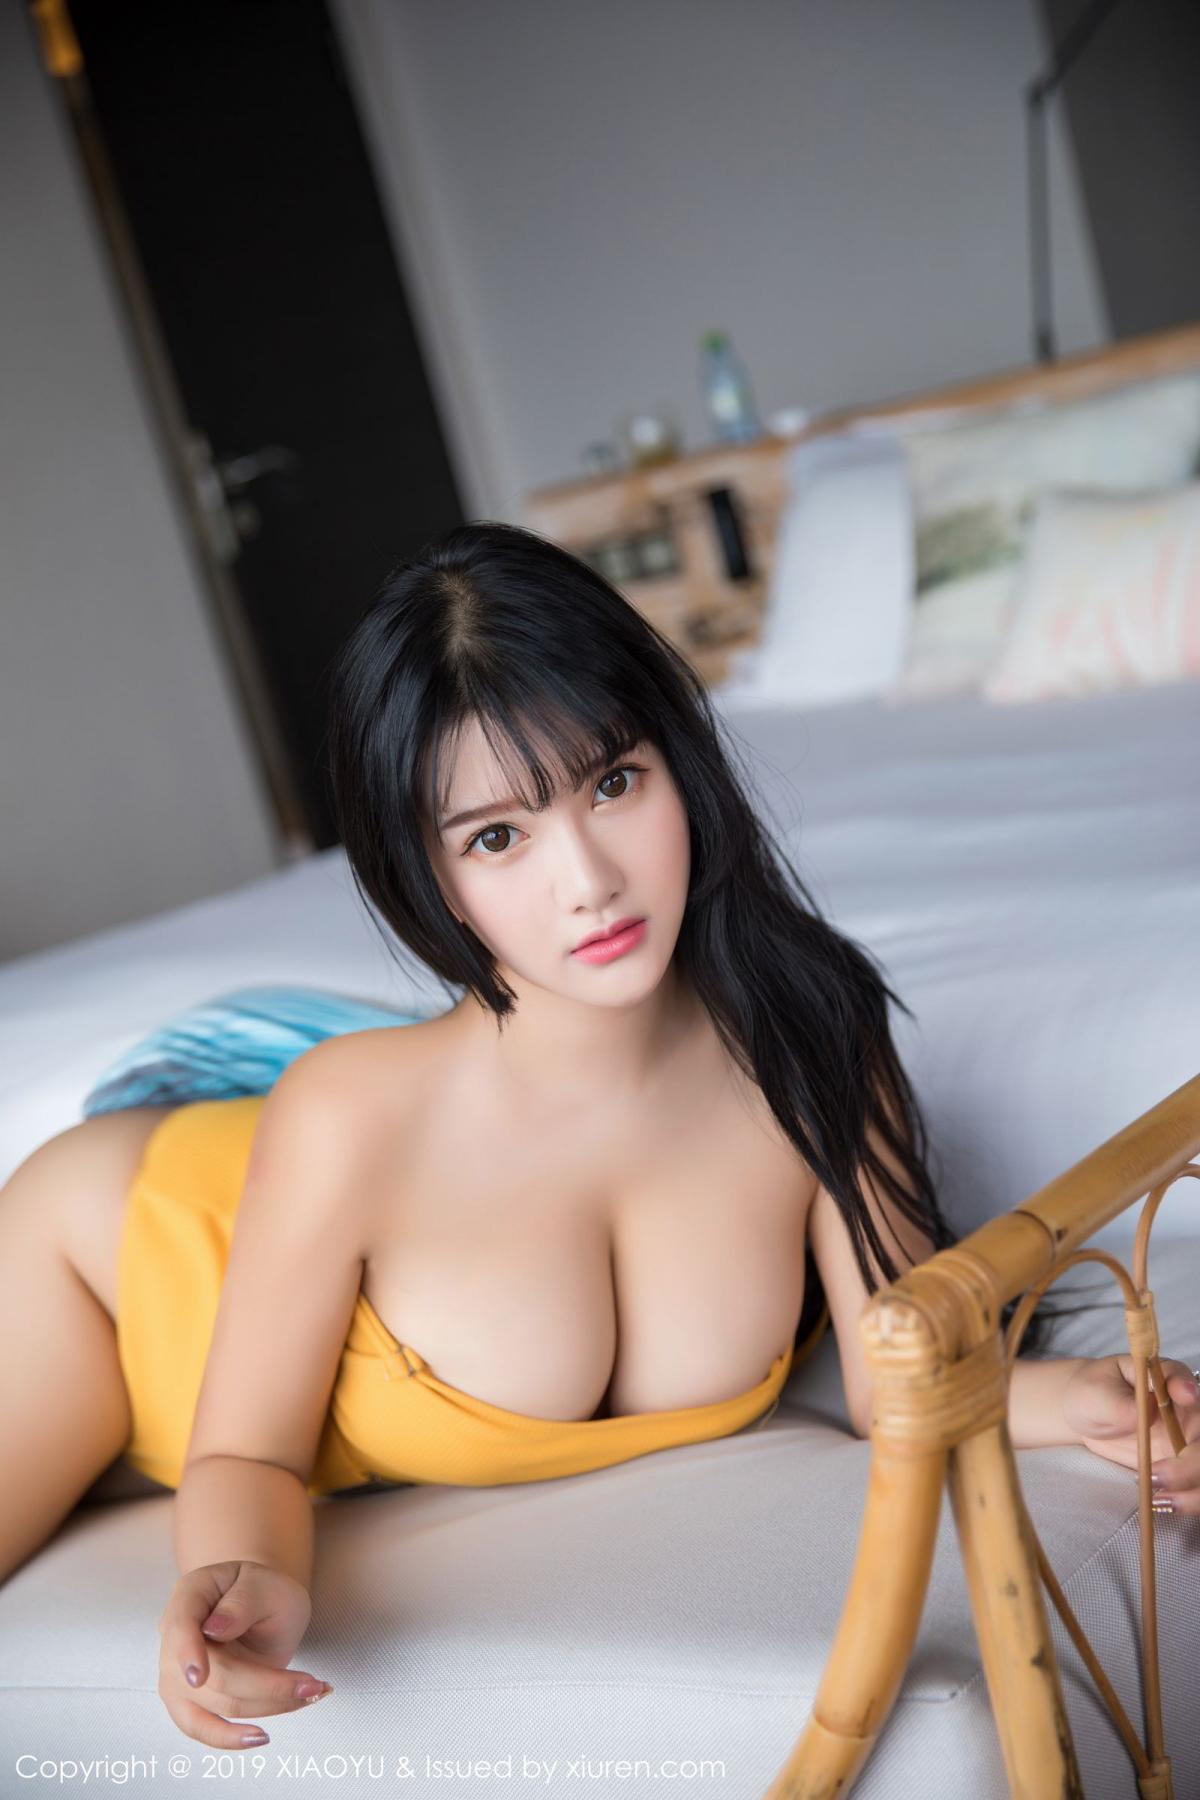 [XiaoYu] Vol.111 Lu Lu Xiao Miao 20P, Cute, Lu Lu Xiao Miao, Underwear, XiaoYu